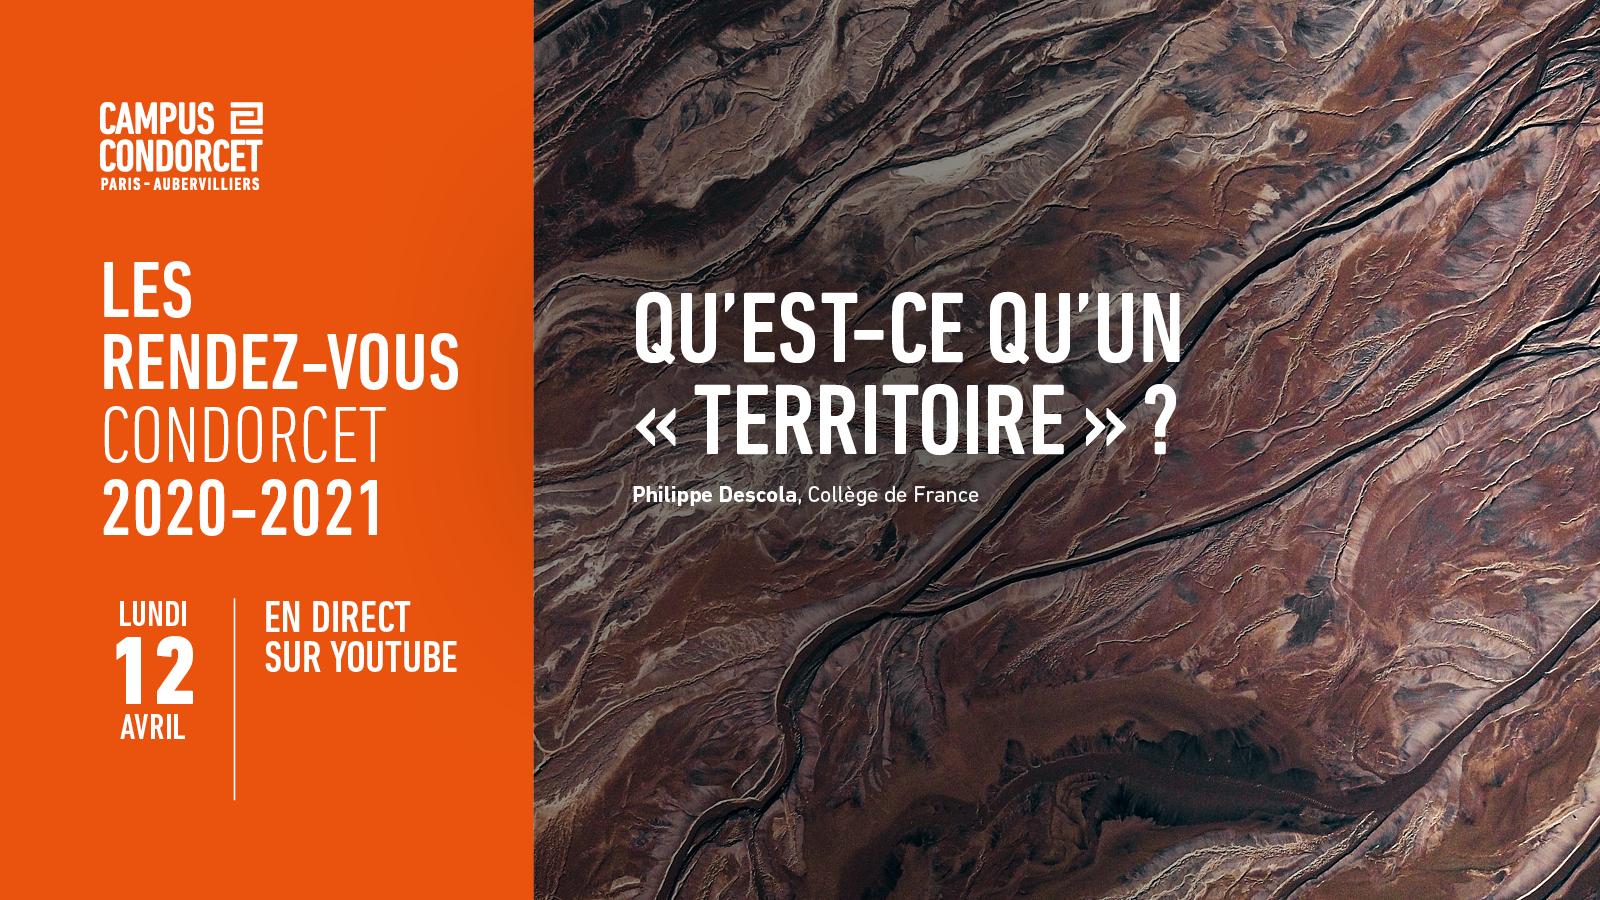 Rendez-vous Condorcet - Qu'est-ce qu'un territoire ?